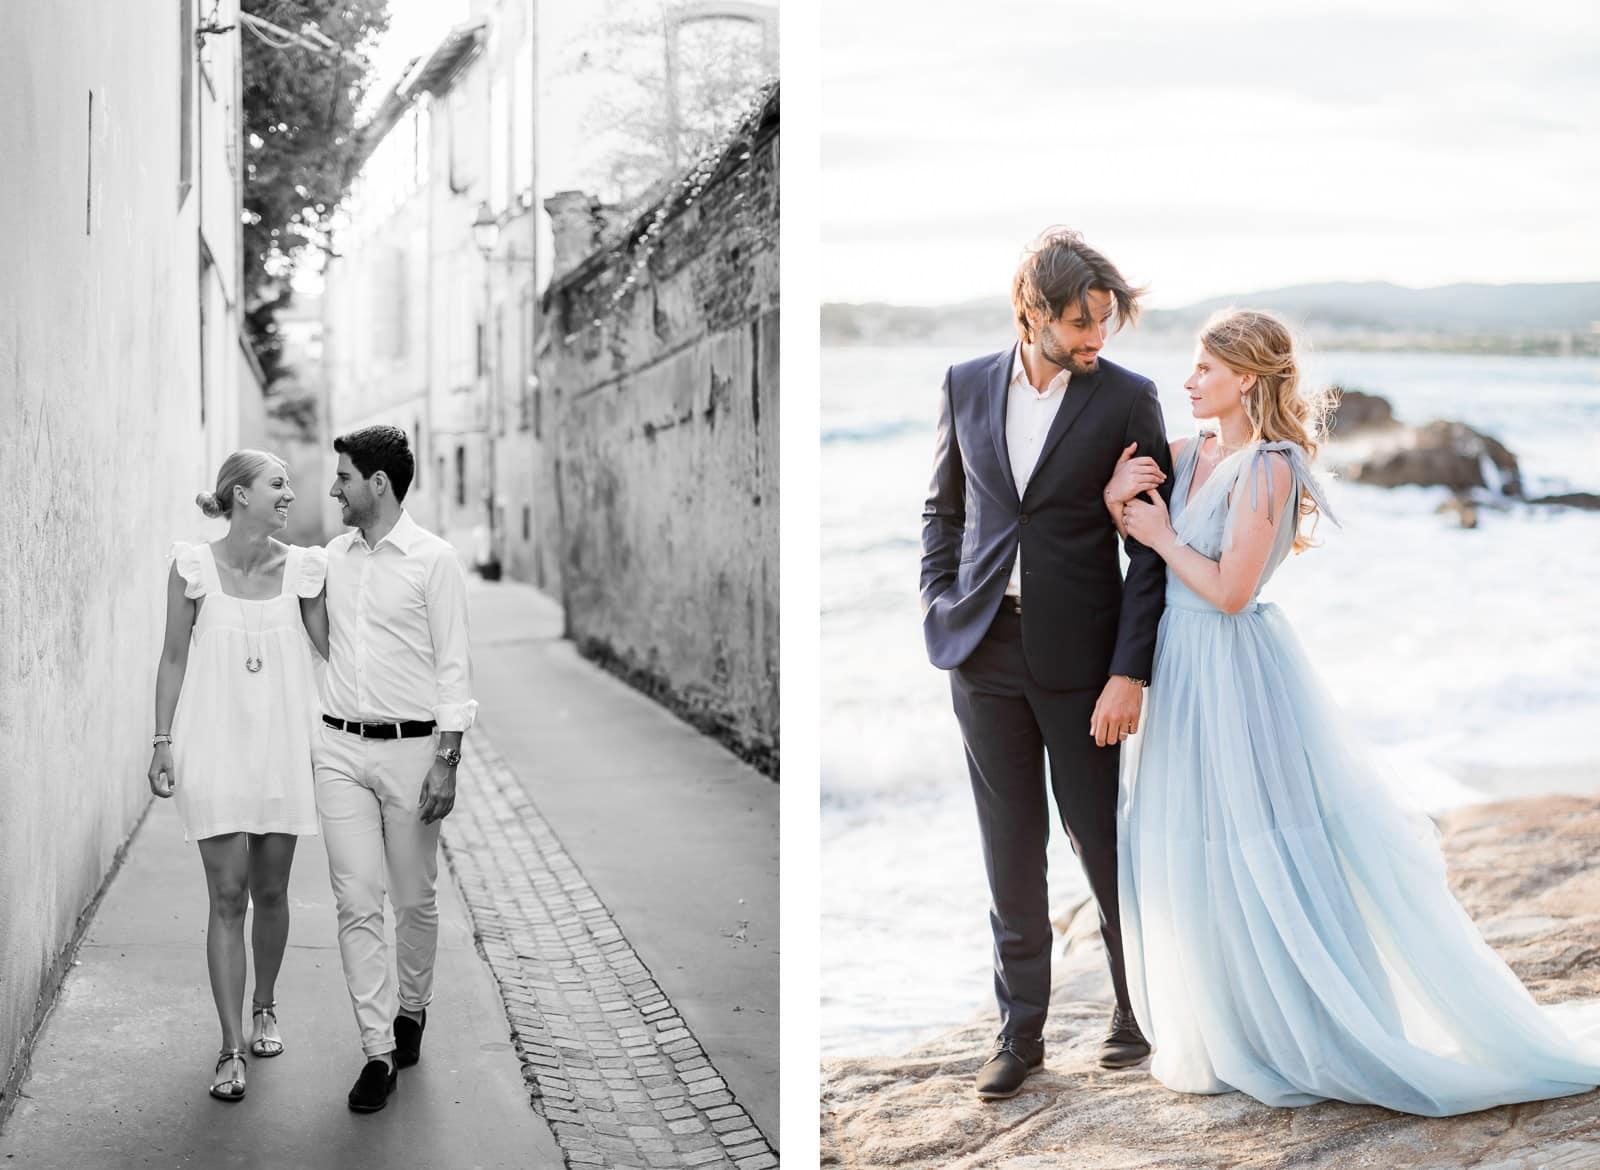 Photographie de Mathieu Dété présentant les meilleures poses pour des shooting de couple, le couple marche ensemble main dans la main